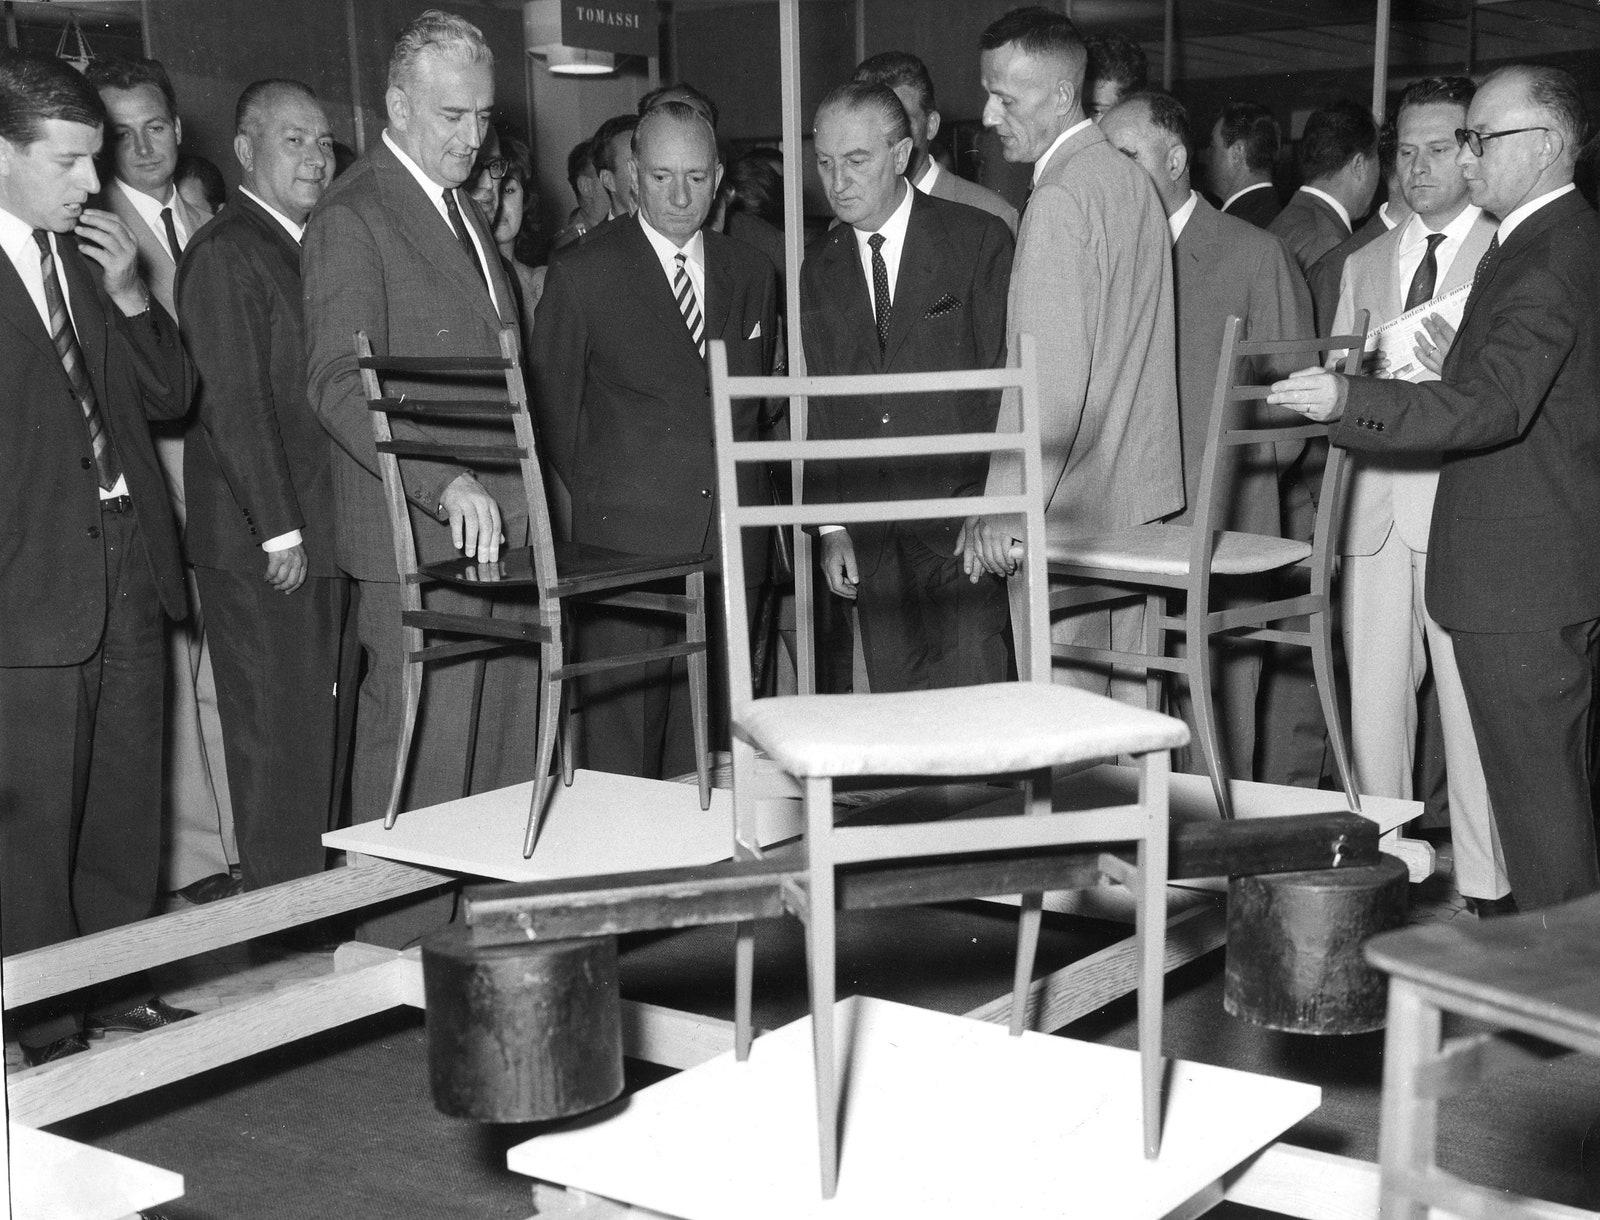 Salone del Mobile.  1961 .